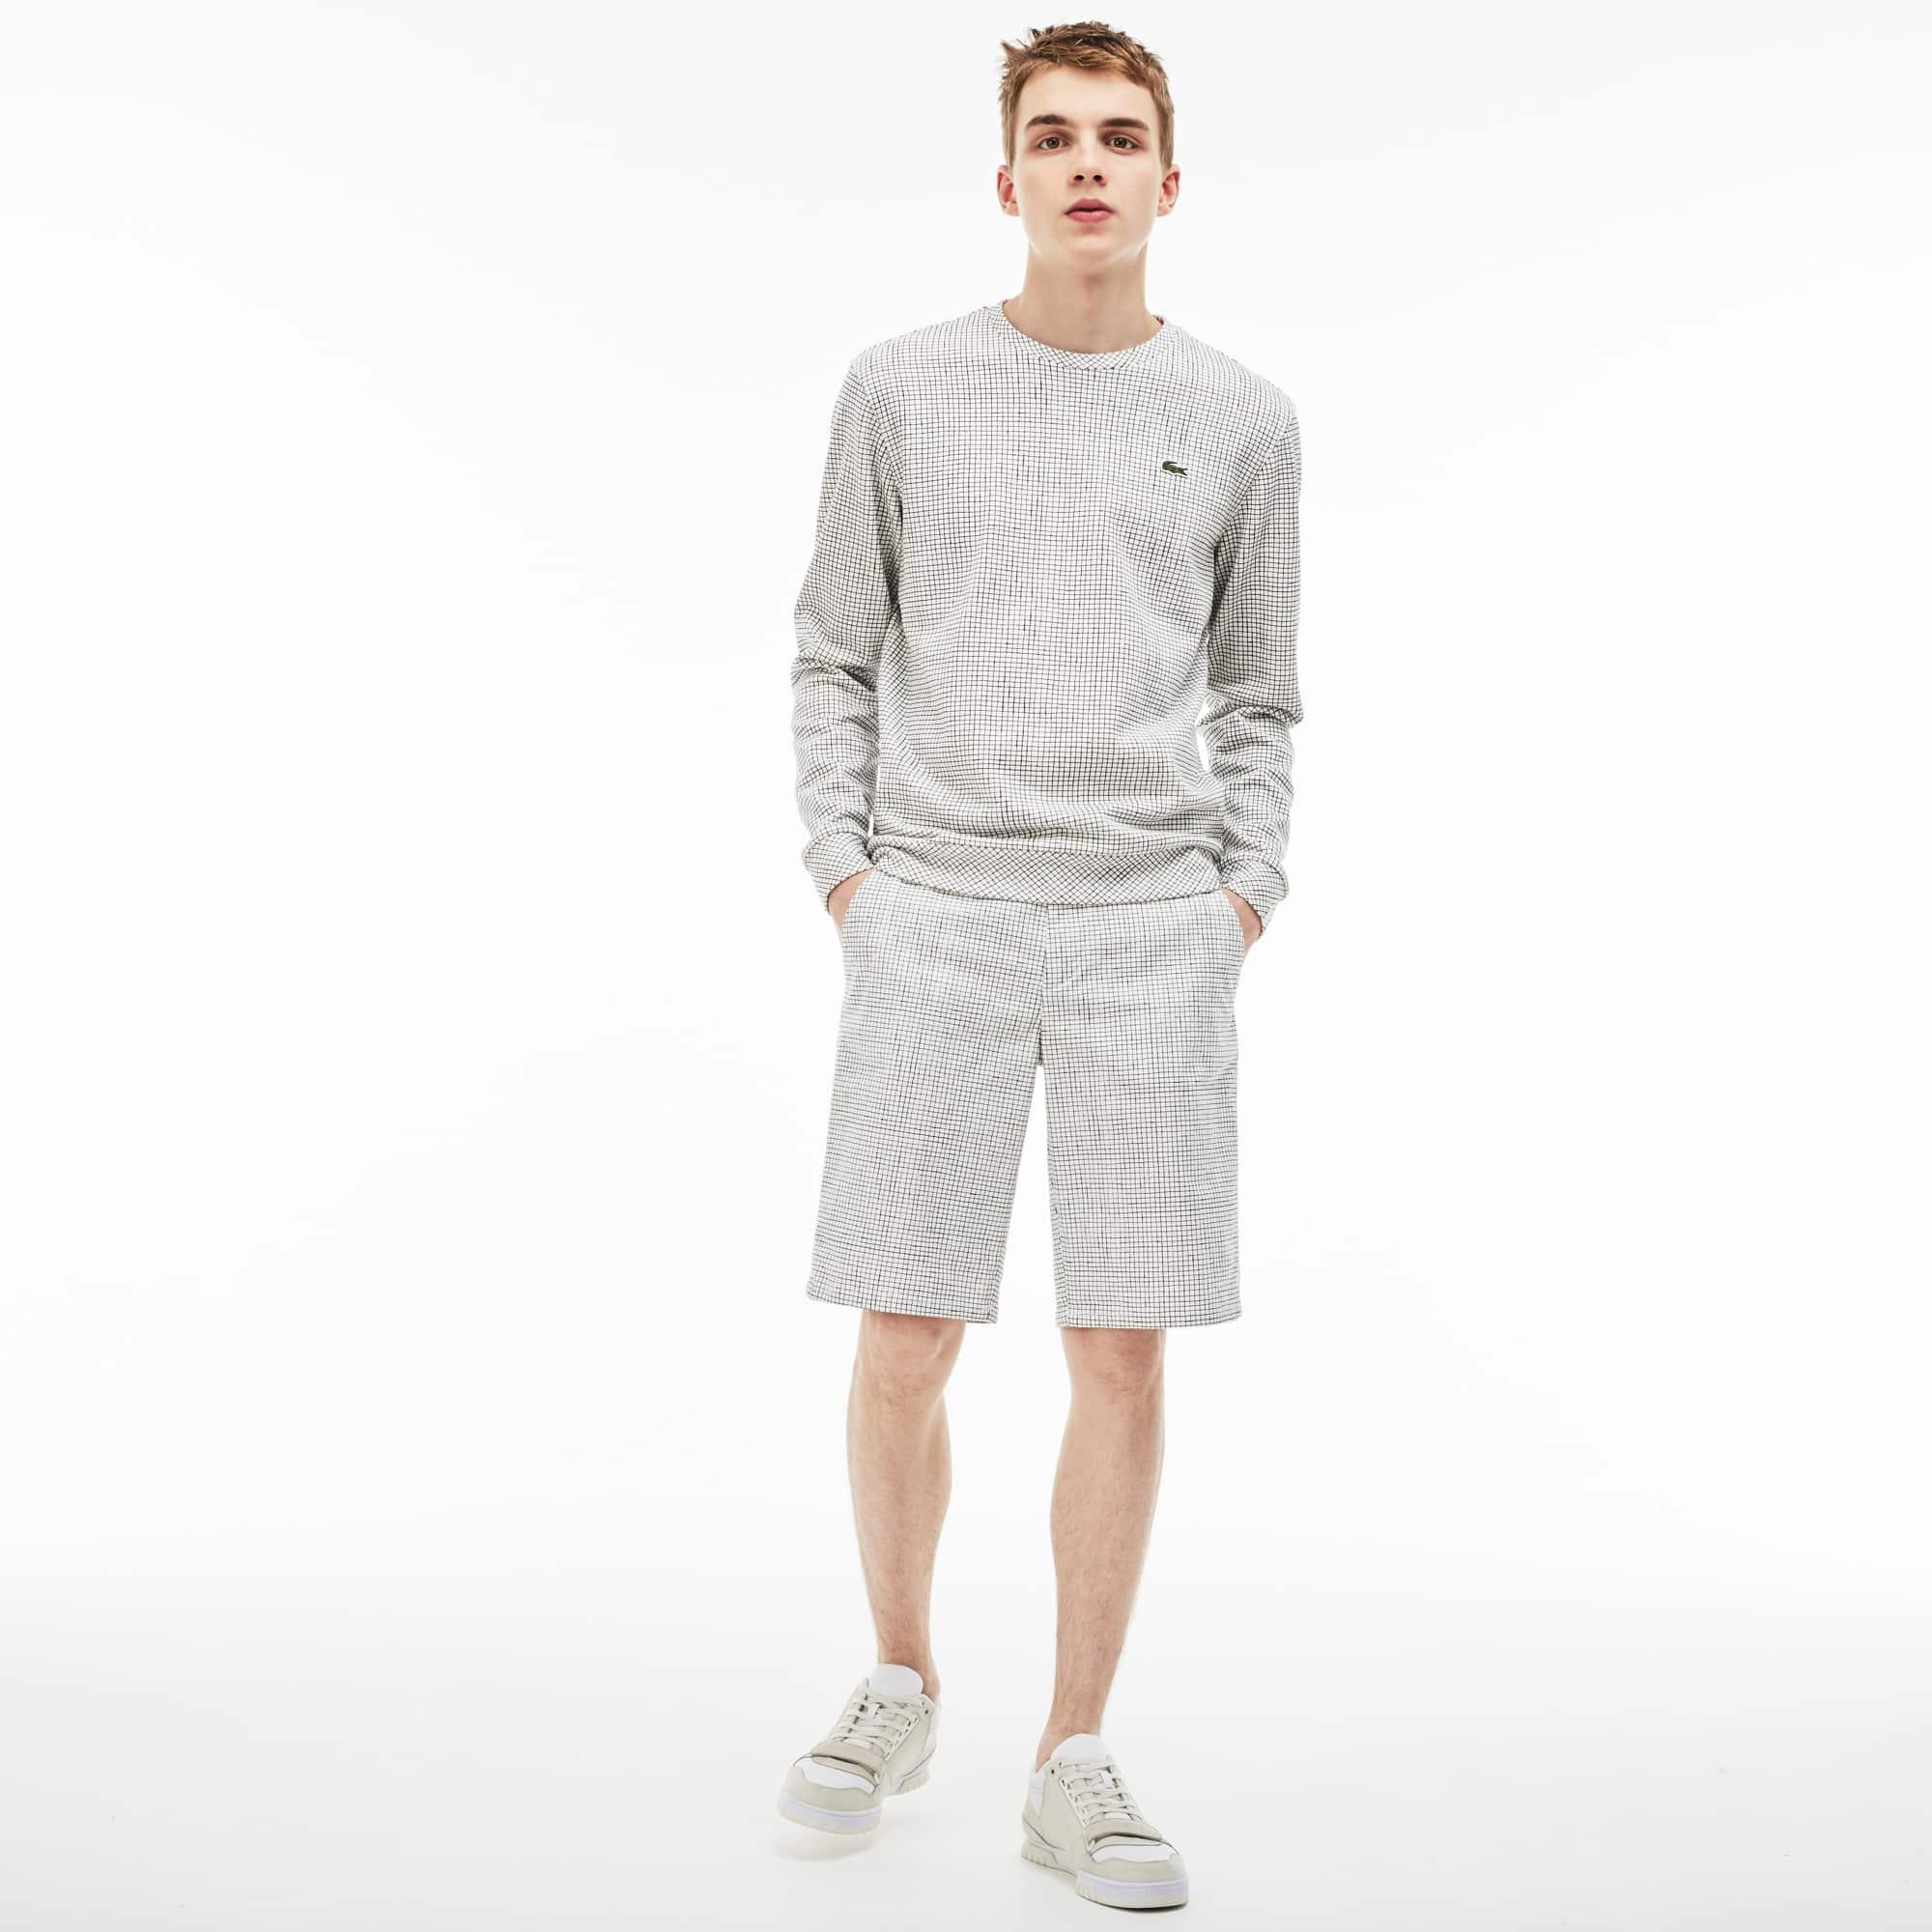 Men's Lacoste LIVE Mini Check Stretch Cotton Twill Bermuda Shorts